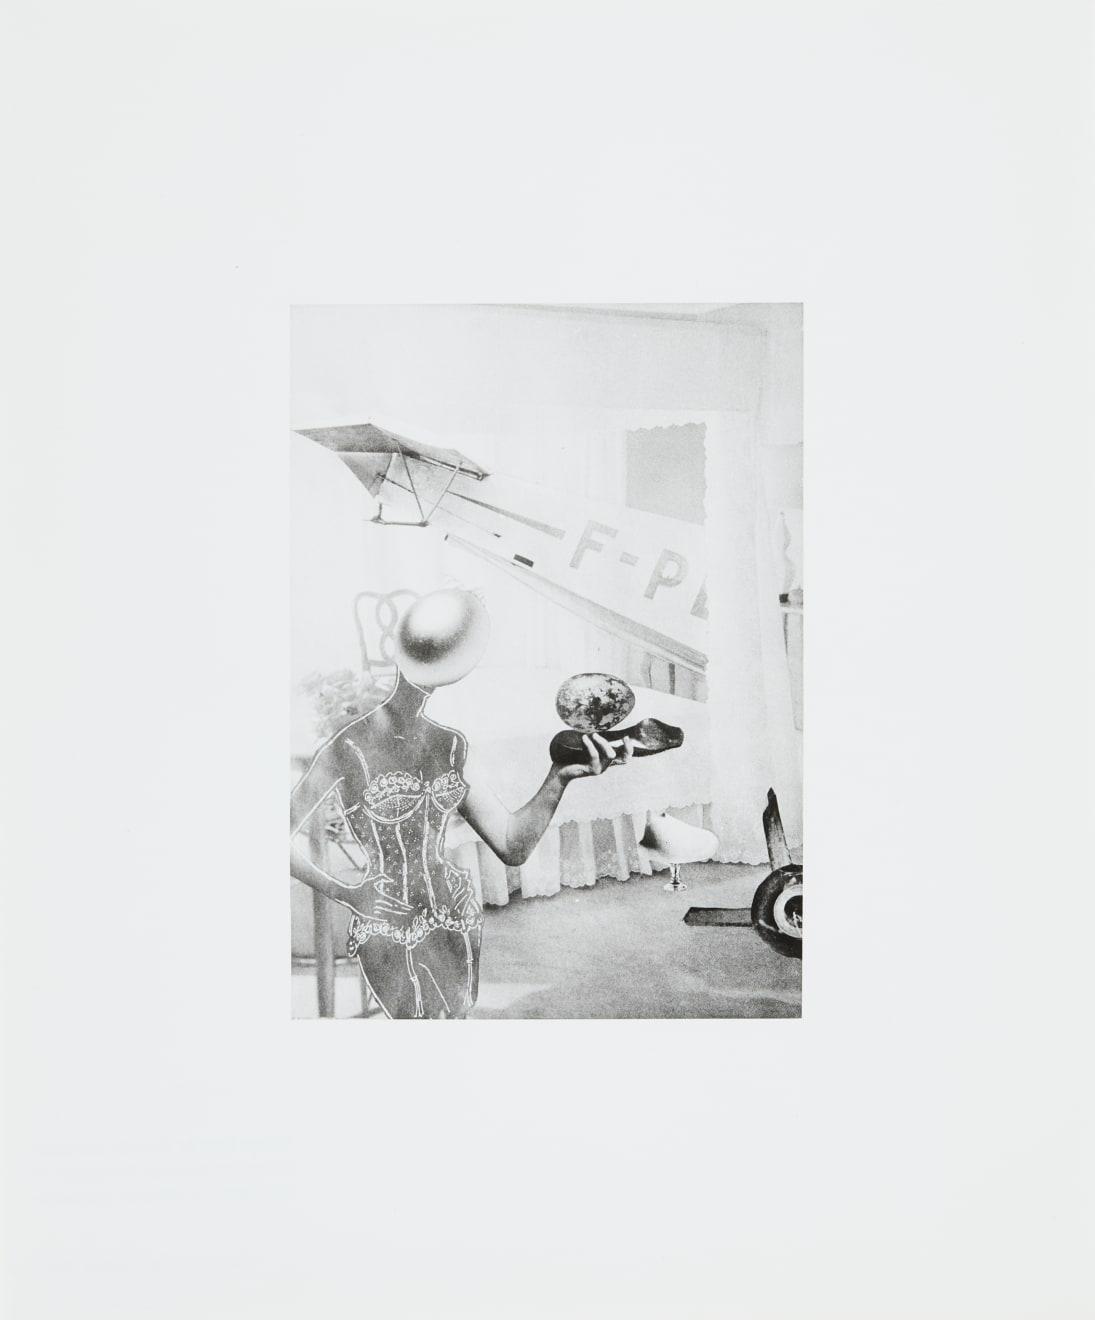 Kansuke Yamamoto, Butterfly, 1970